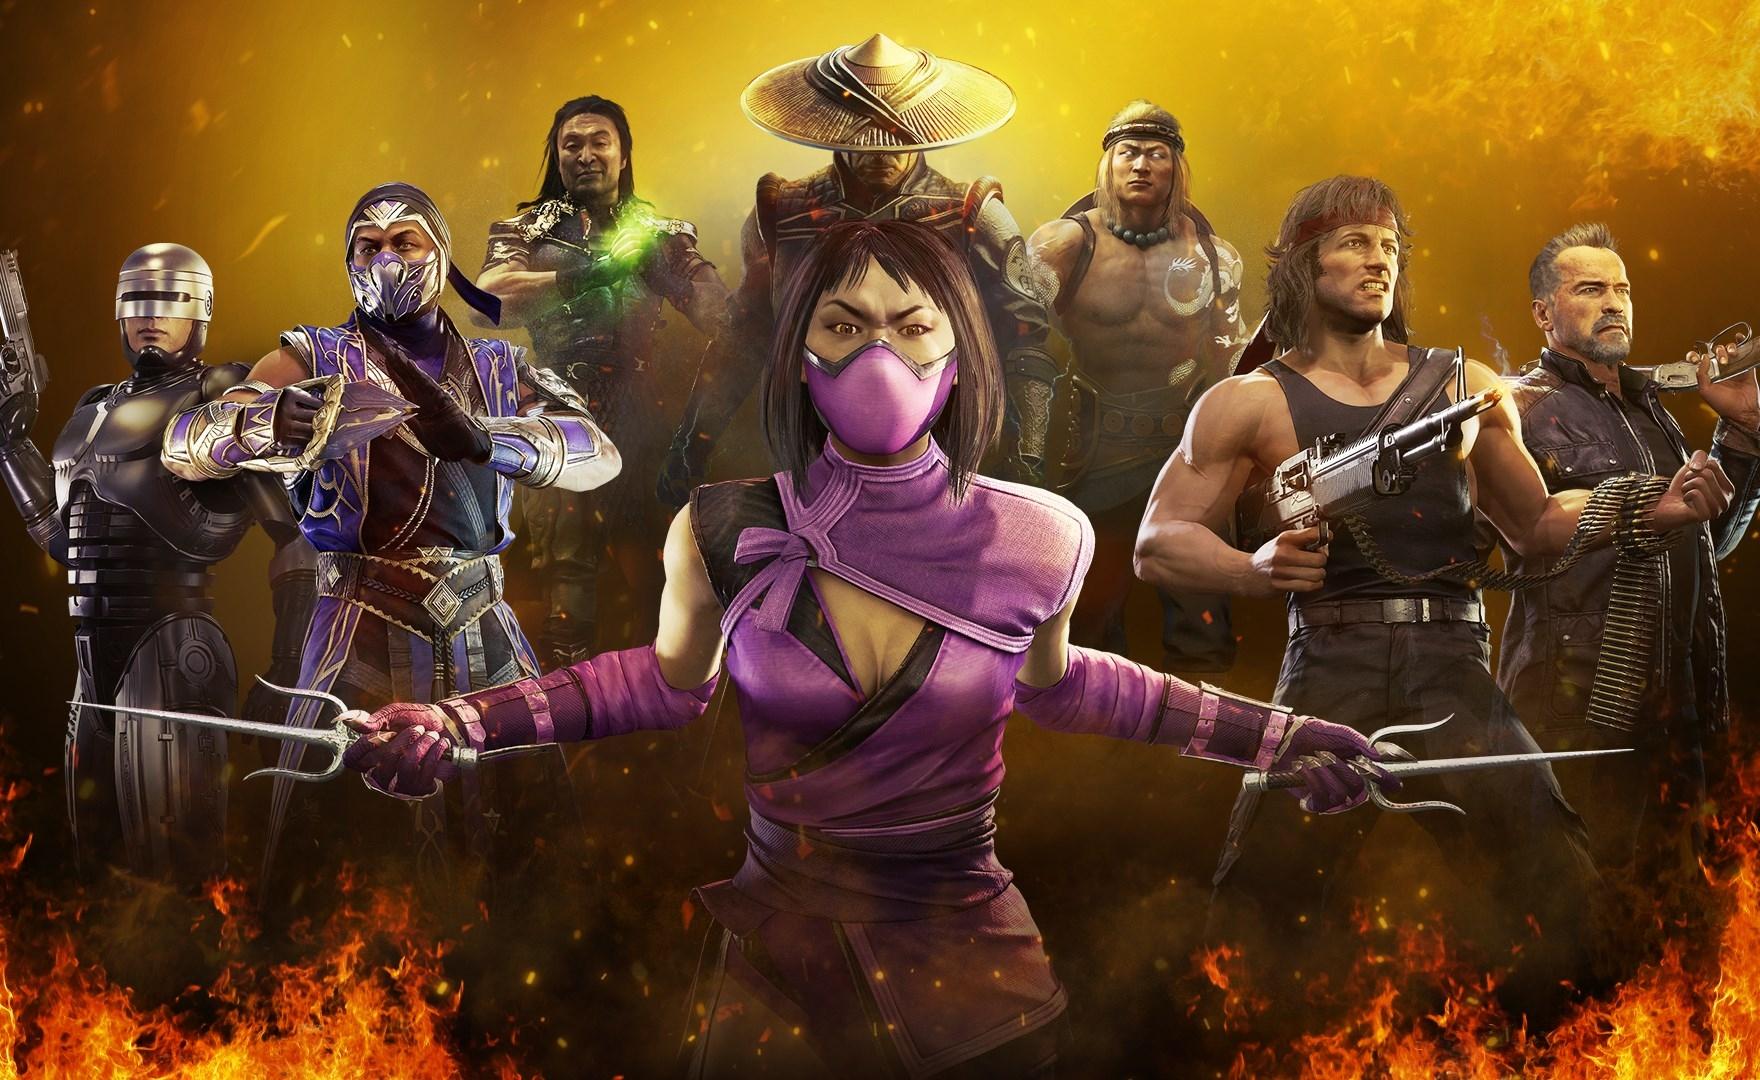 Mortal Kombat 11, fan adirati per la fine del supporto